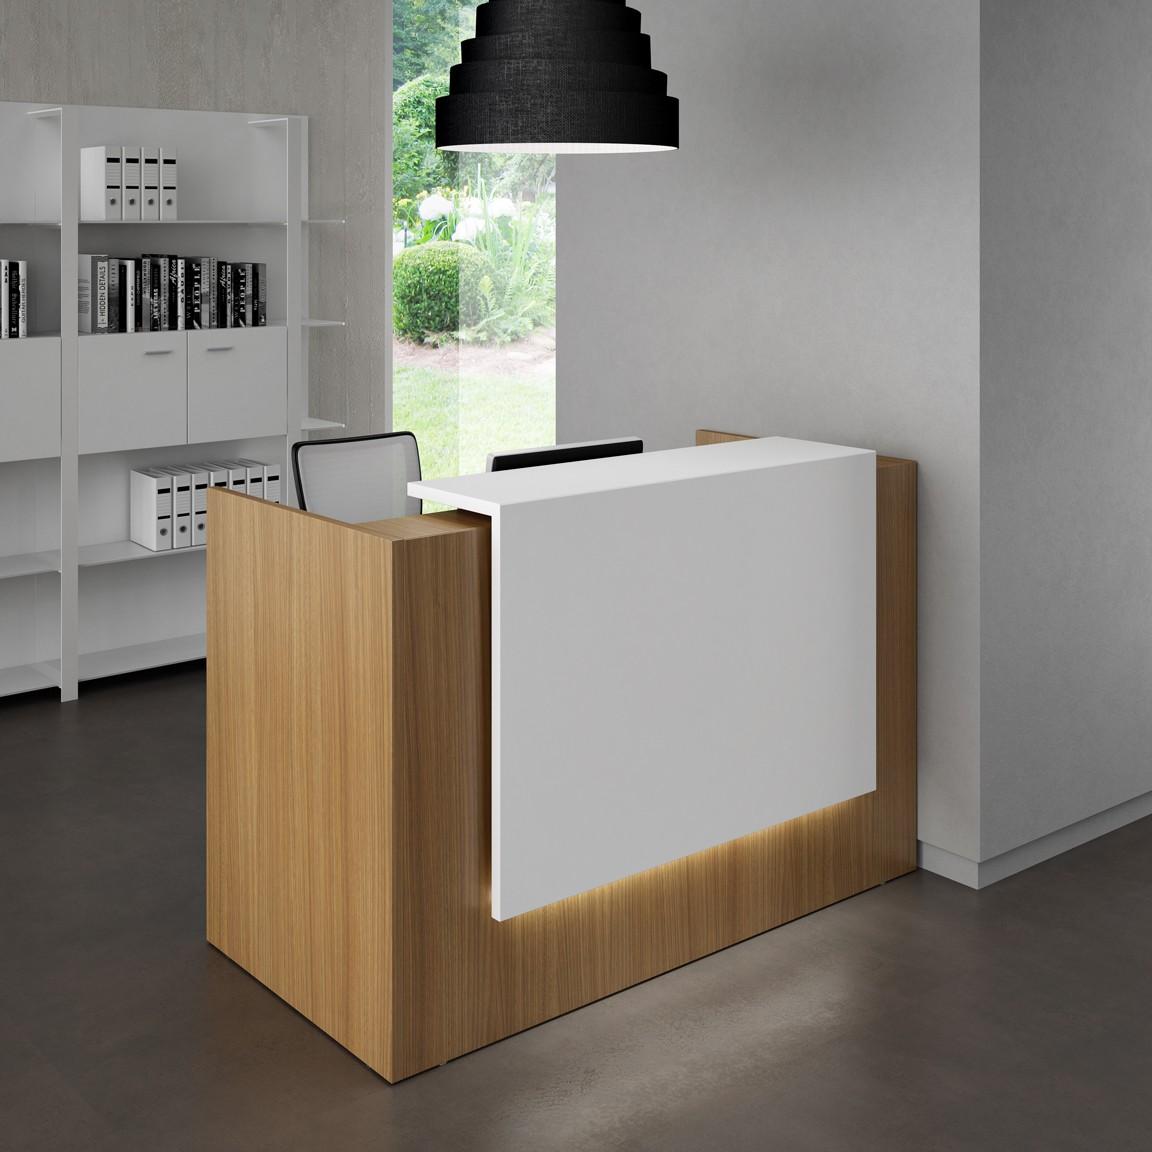 banque d 39 accueil zeta 1 personne achat mobilier accueil entreprise 949 00. Black Bedroom Furniture Sets. Home Design Ideas